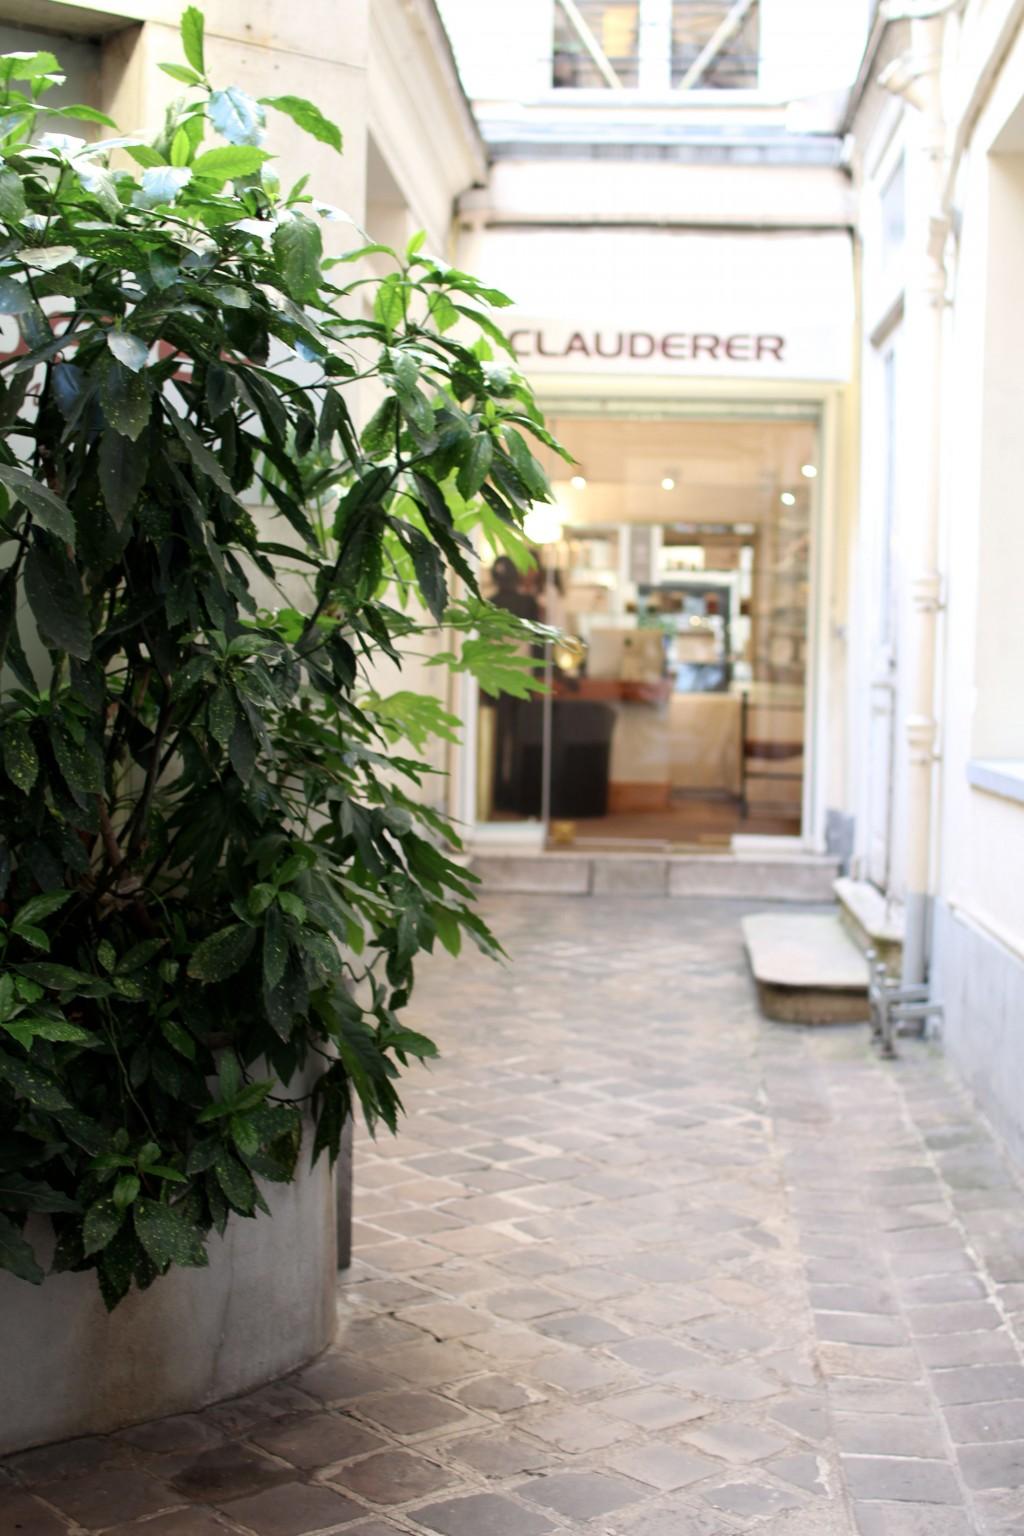 1 centre claurer paris photo upupup.fr